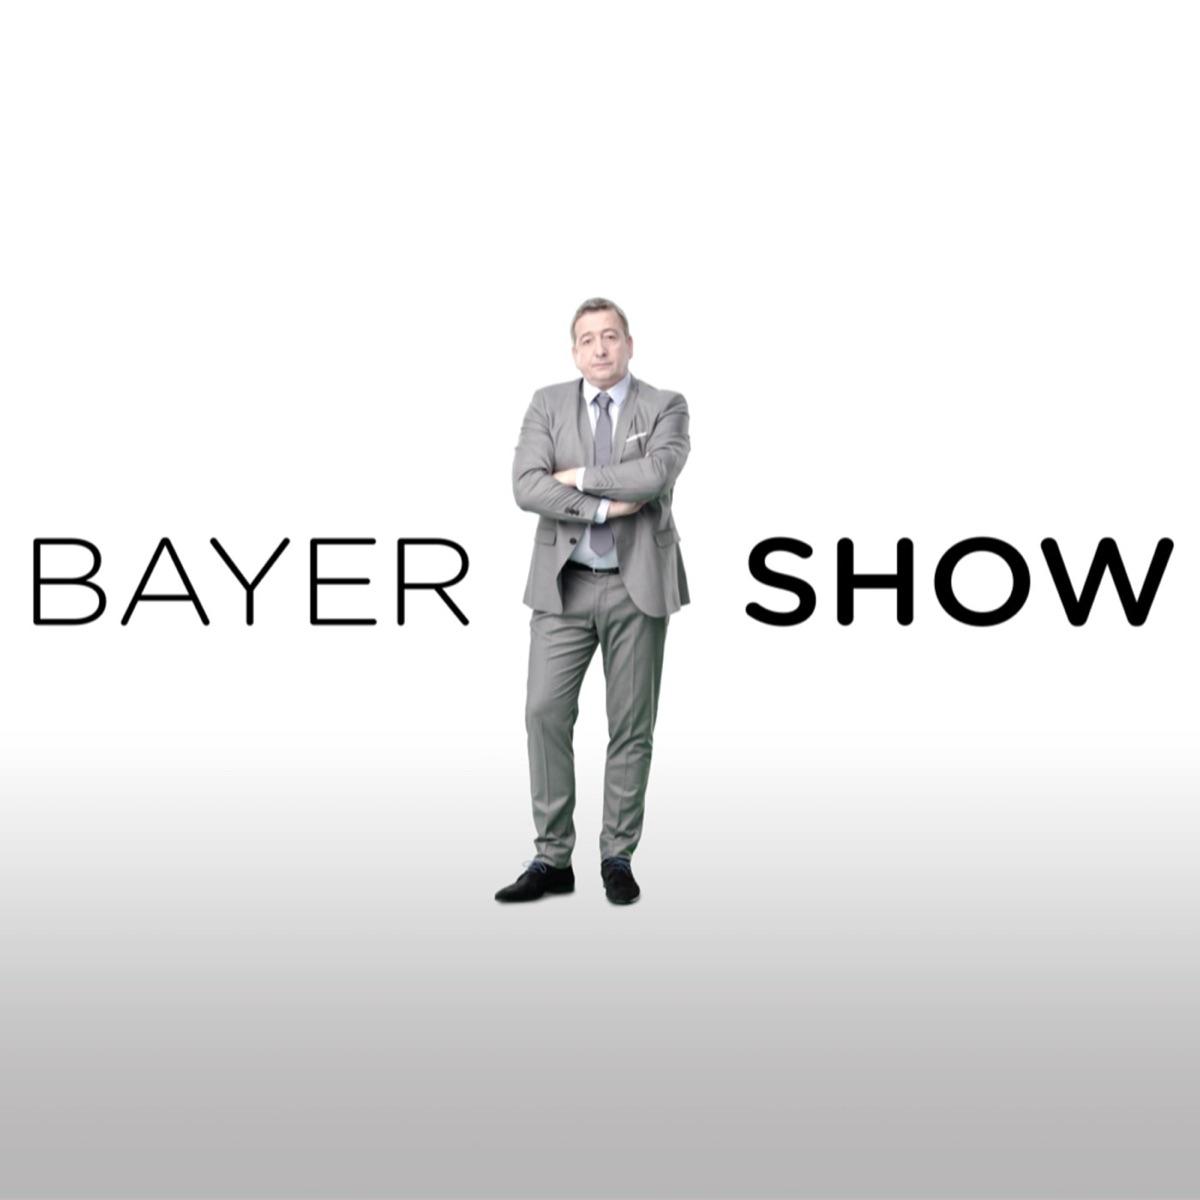 Bayer show